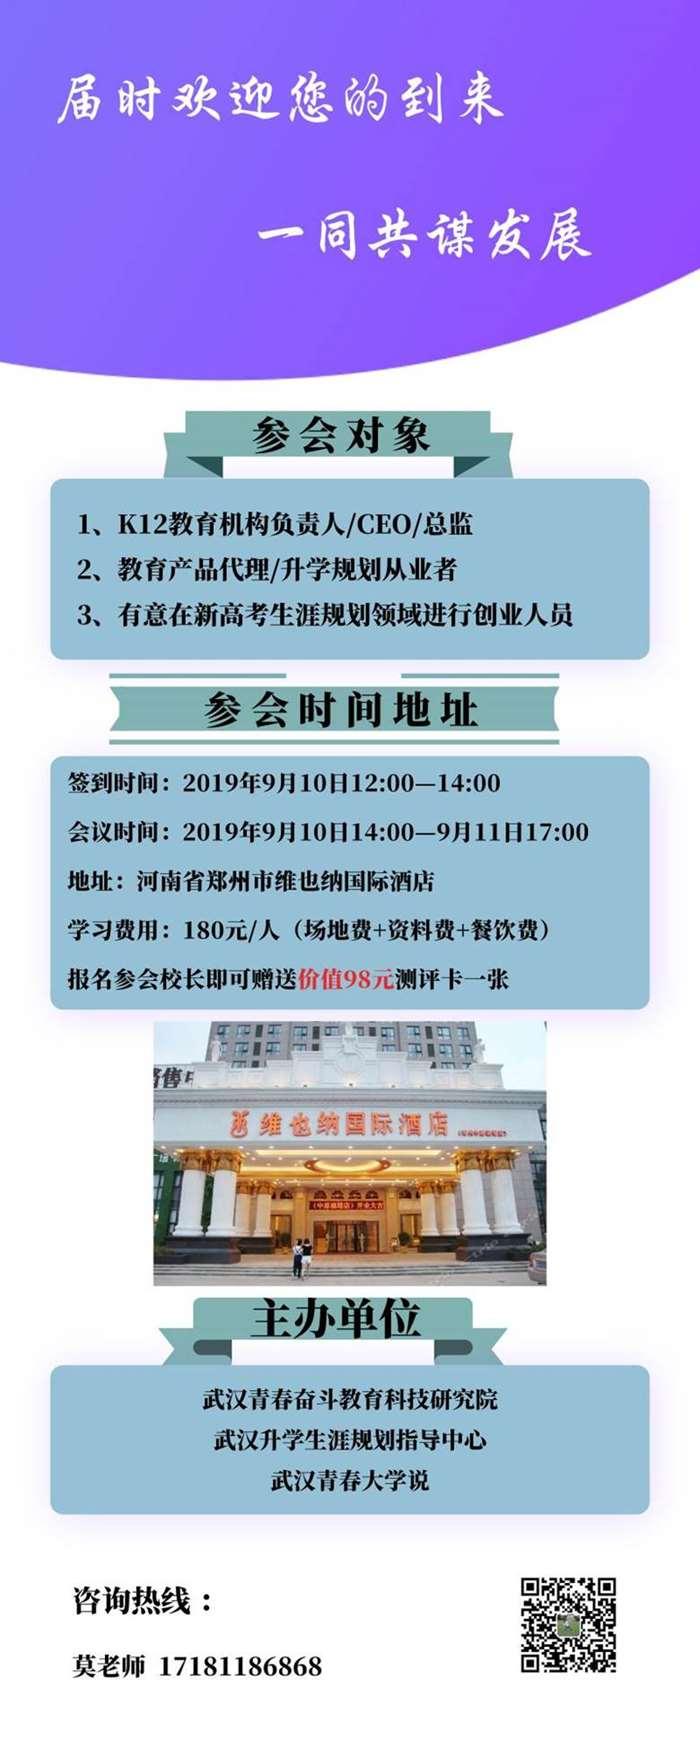 默认标题_长图海报_2019.08.20.jpg